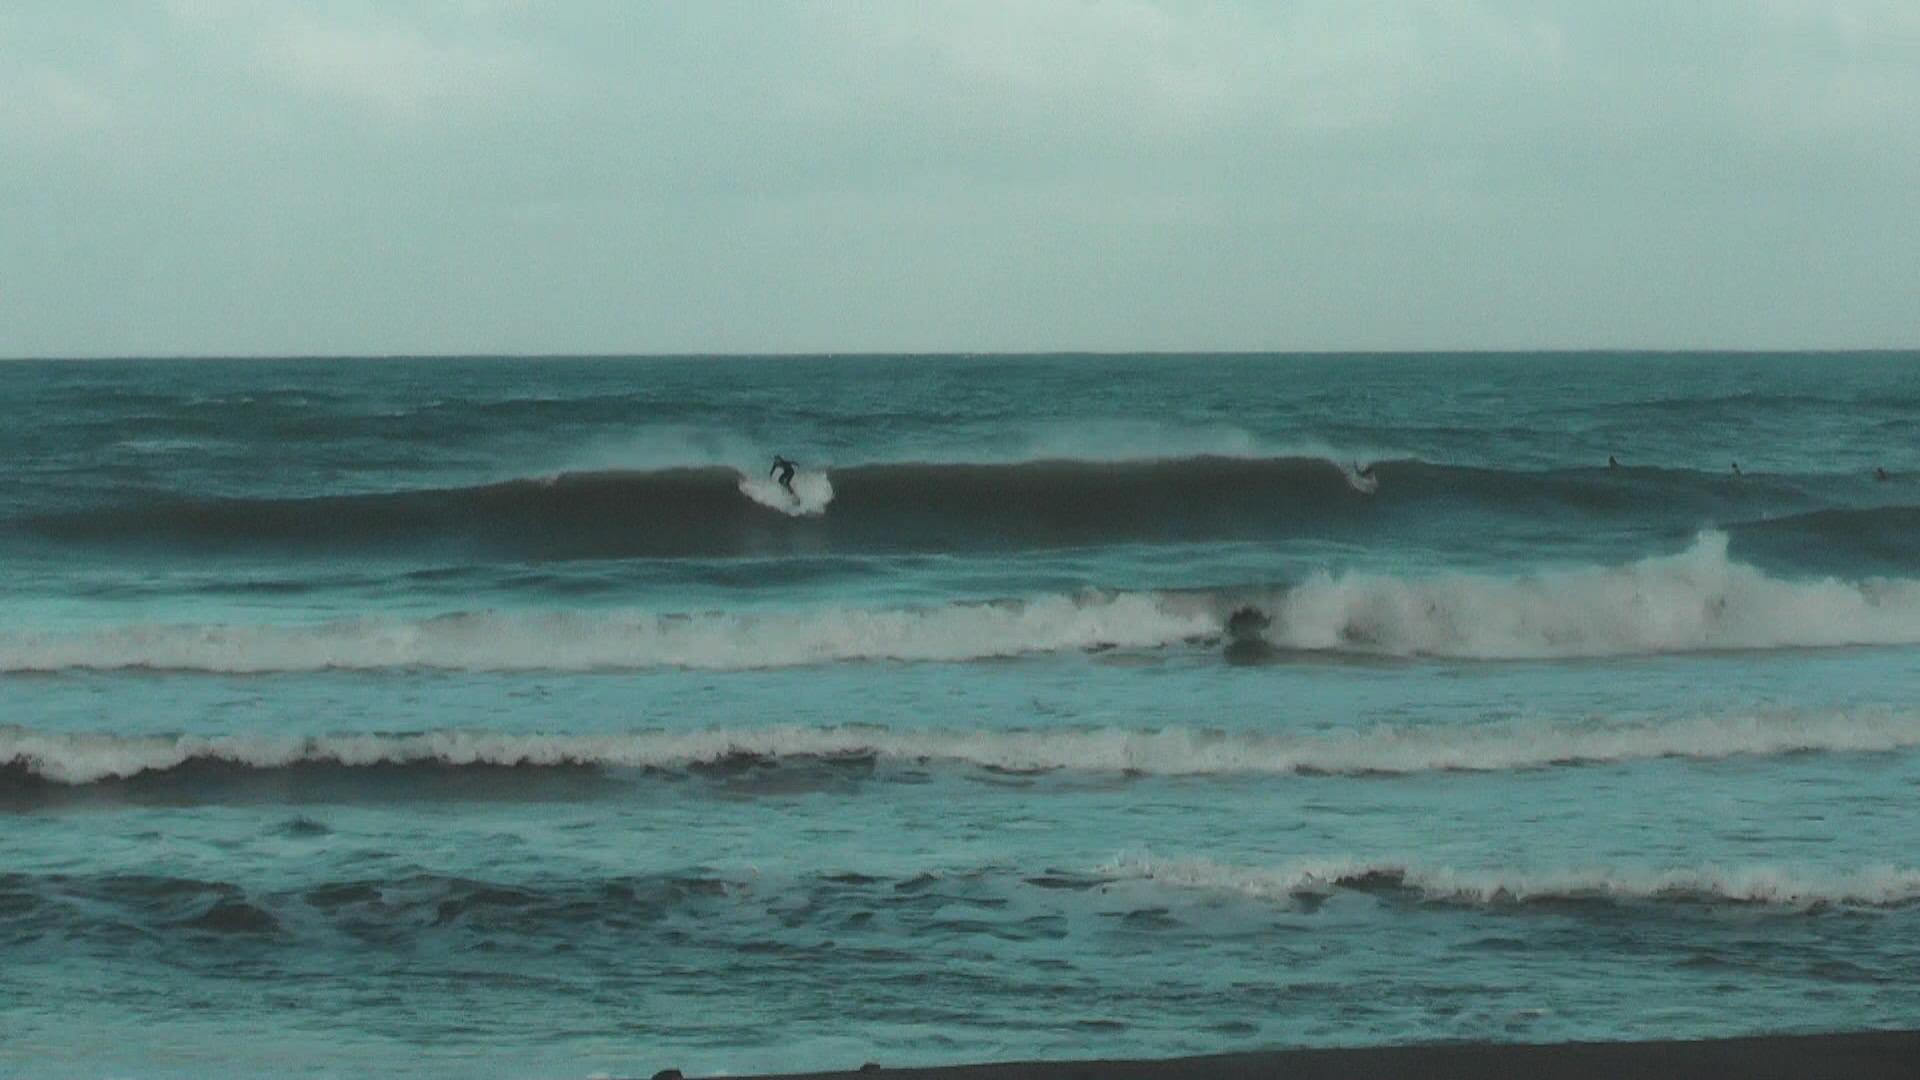 11月4日 日本海サーフィン Feel Surf 北海道旭川市のサーフ